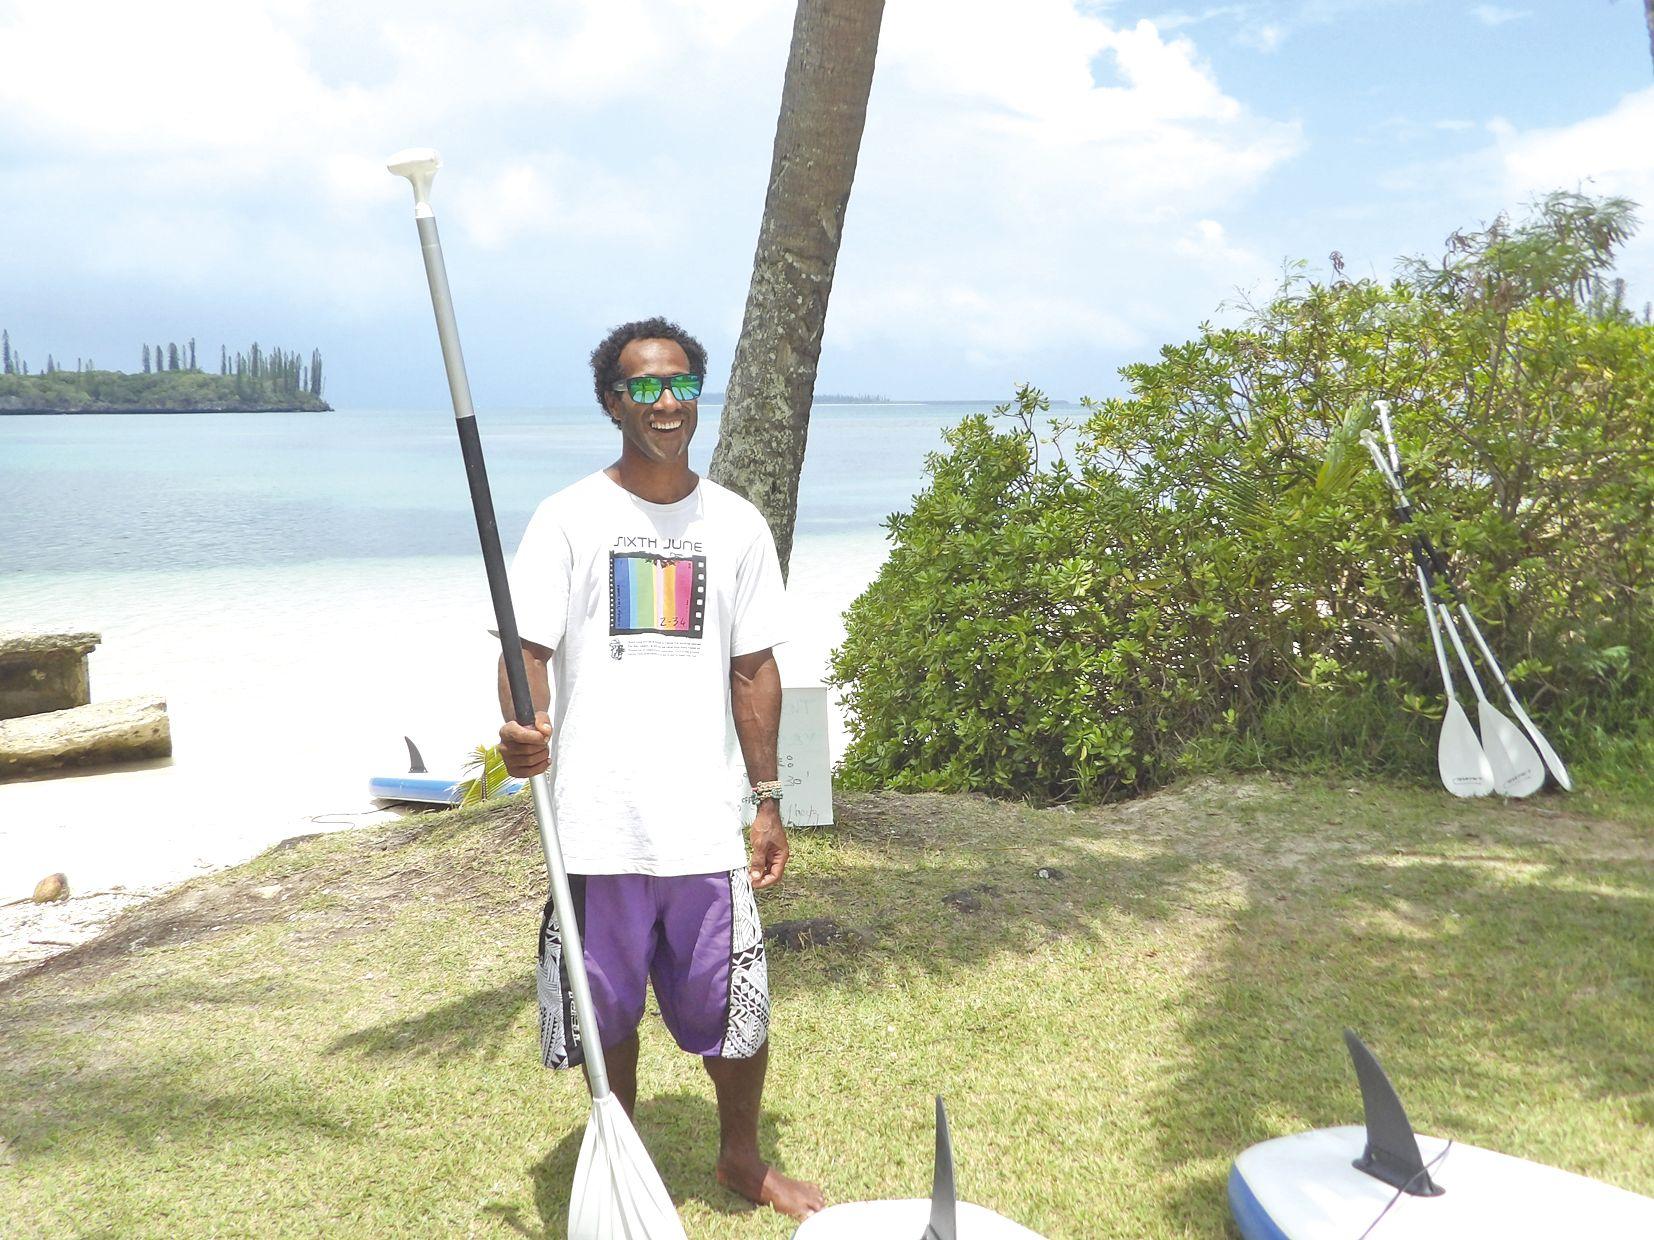 Antoine Lémé, de la tribu de Wapan, partage sa passion pour la glisse avec les enfants de son île.